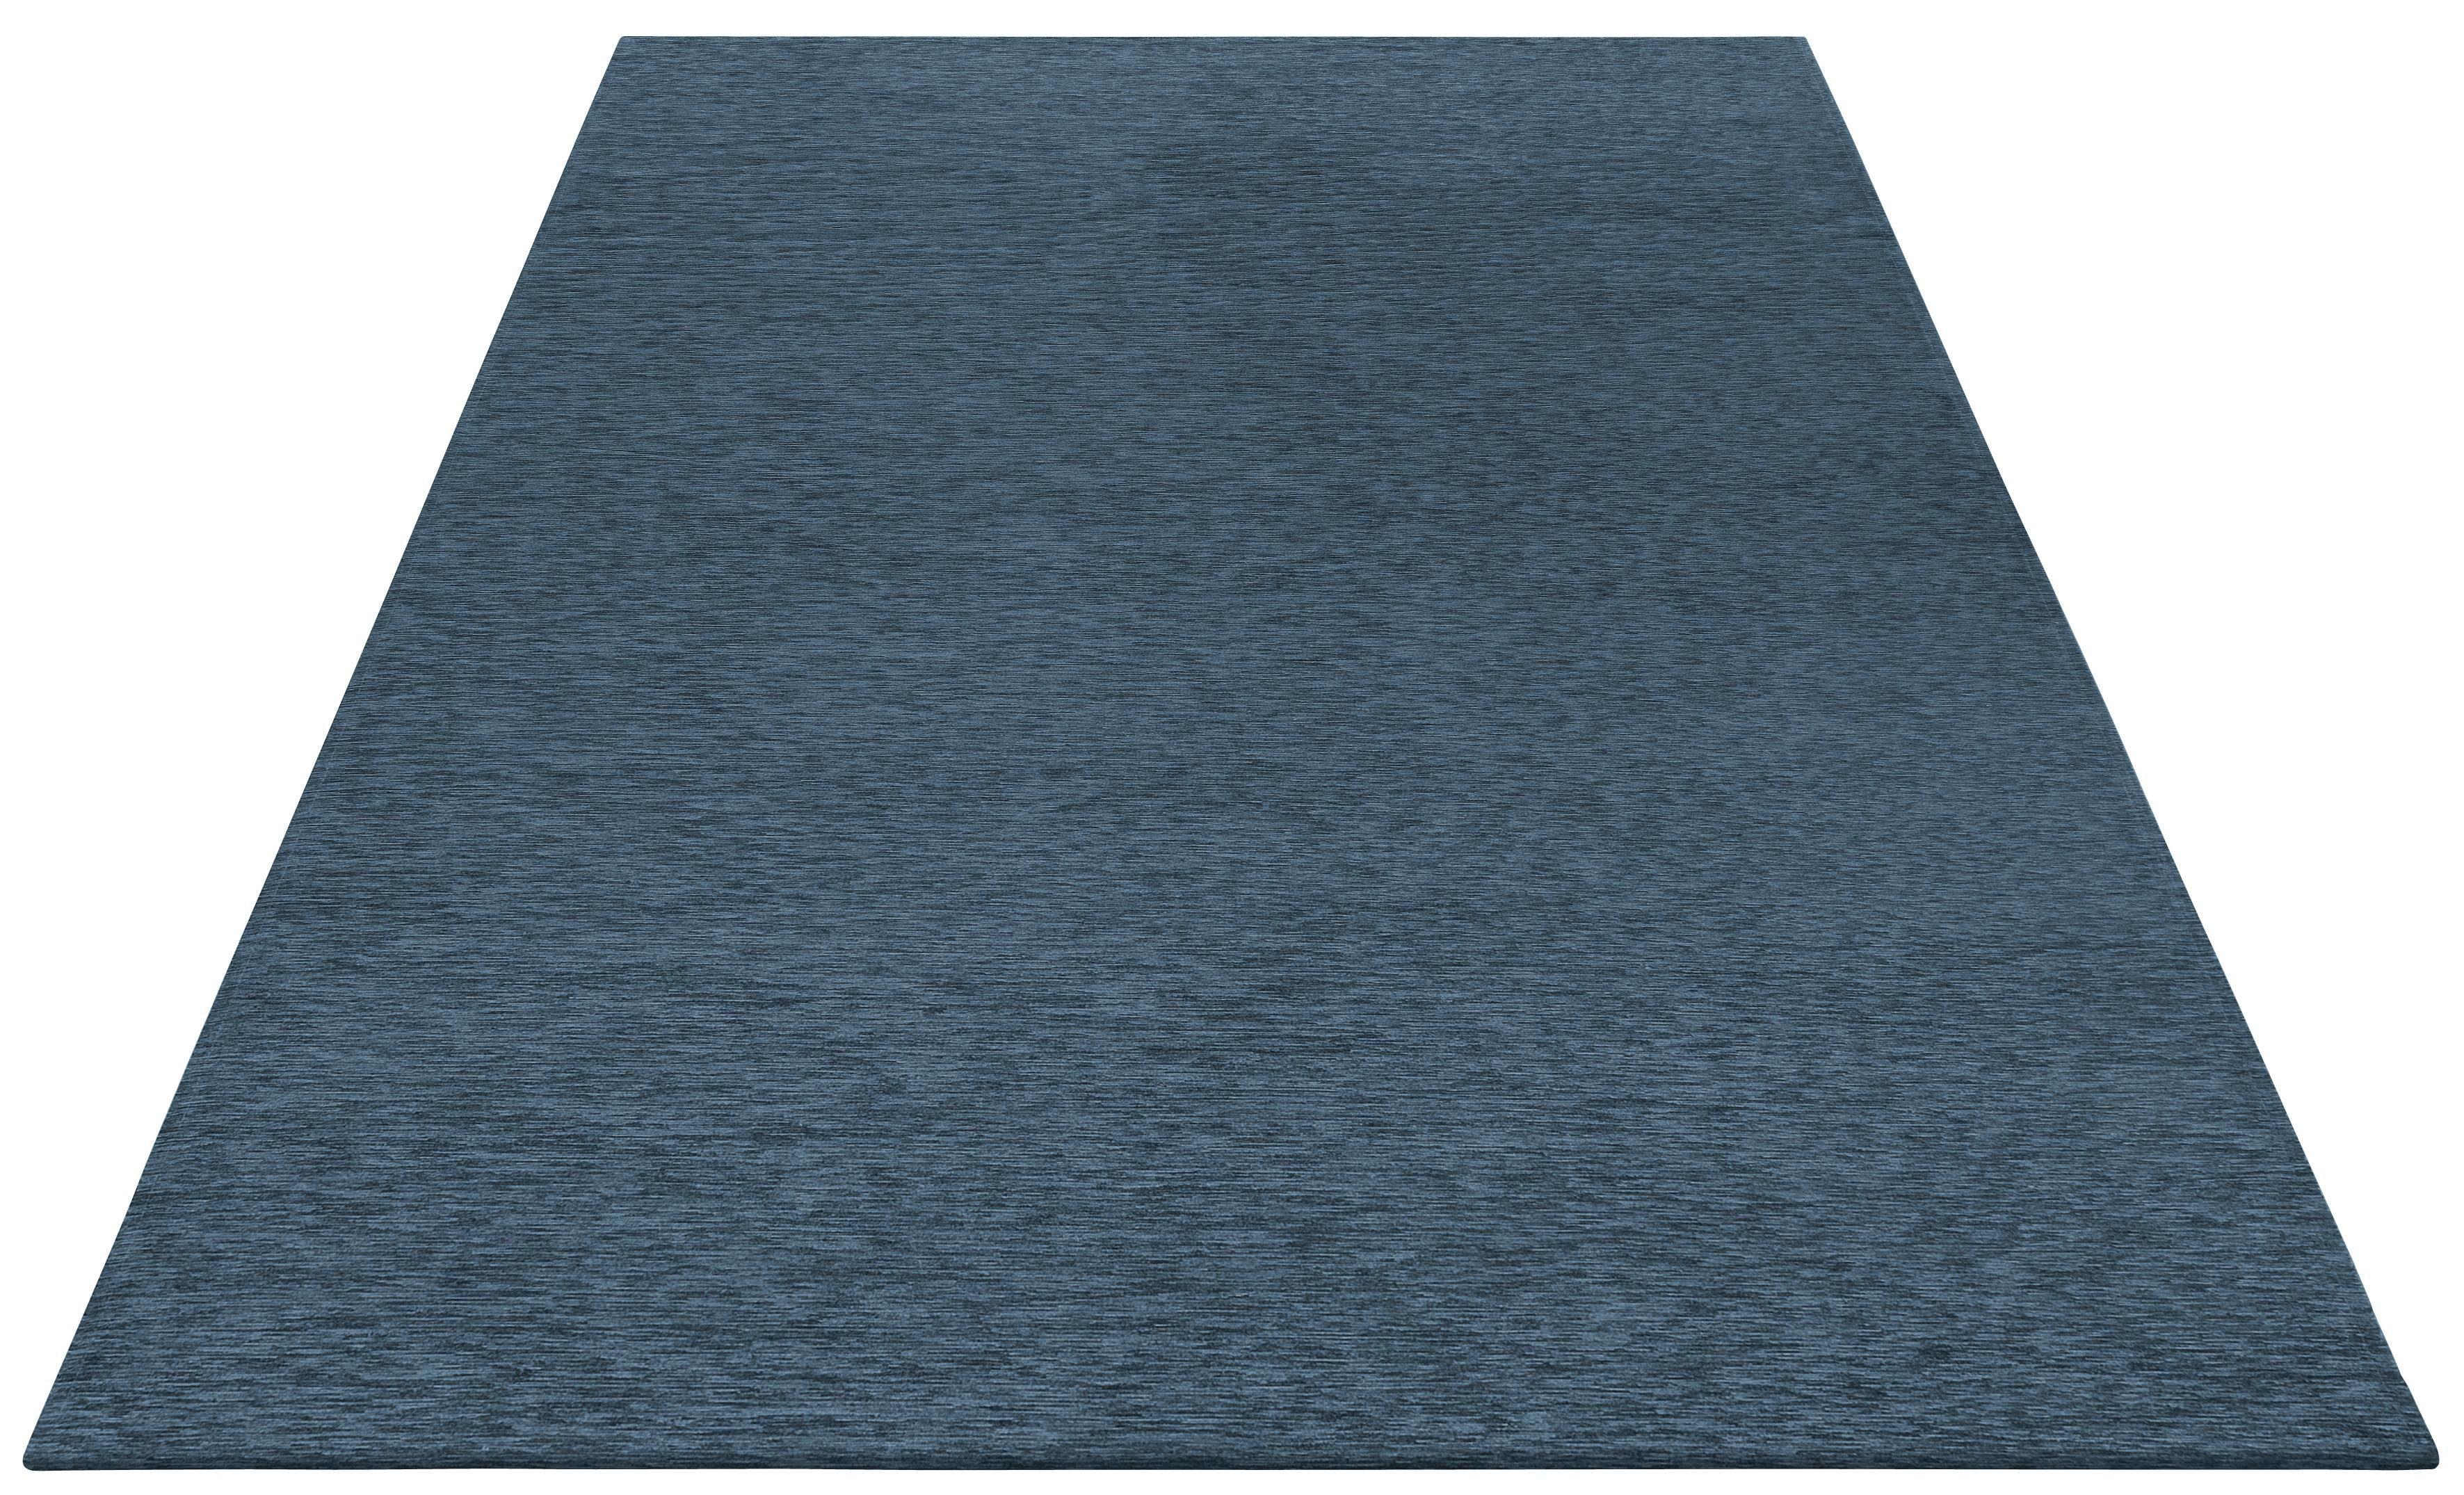 Perzisch Tapijt Groen : Groot perzisch tapijt kopen diverse maten vintage tapijten